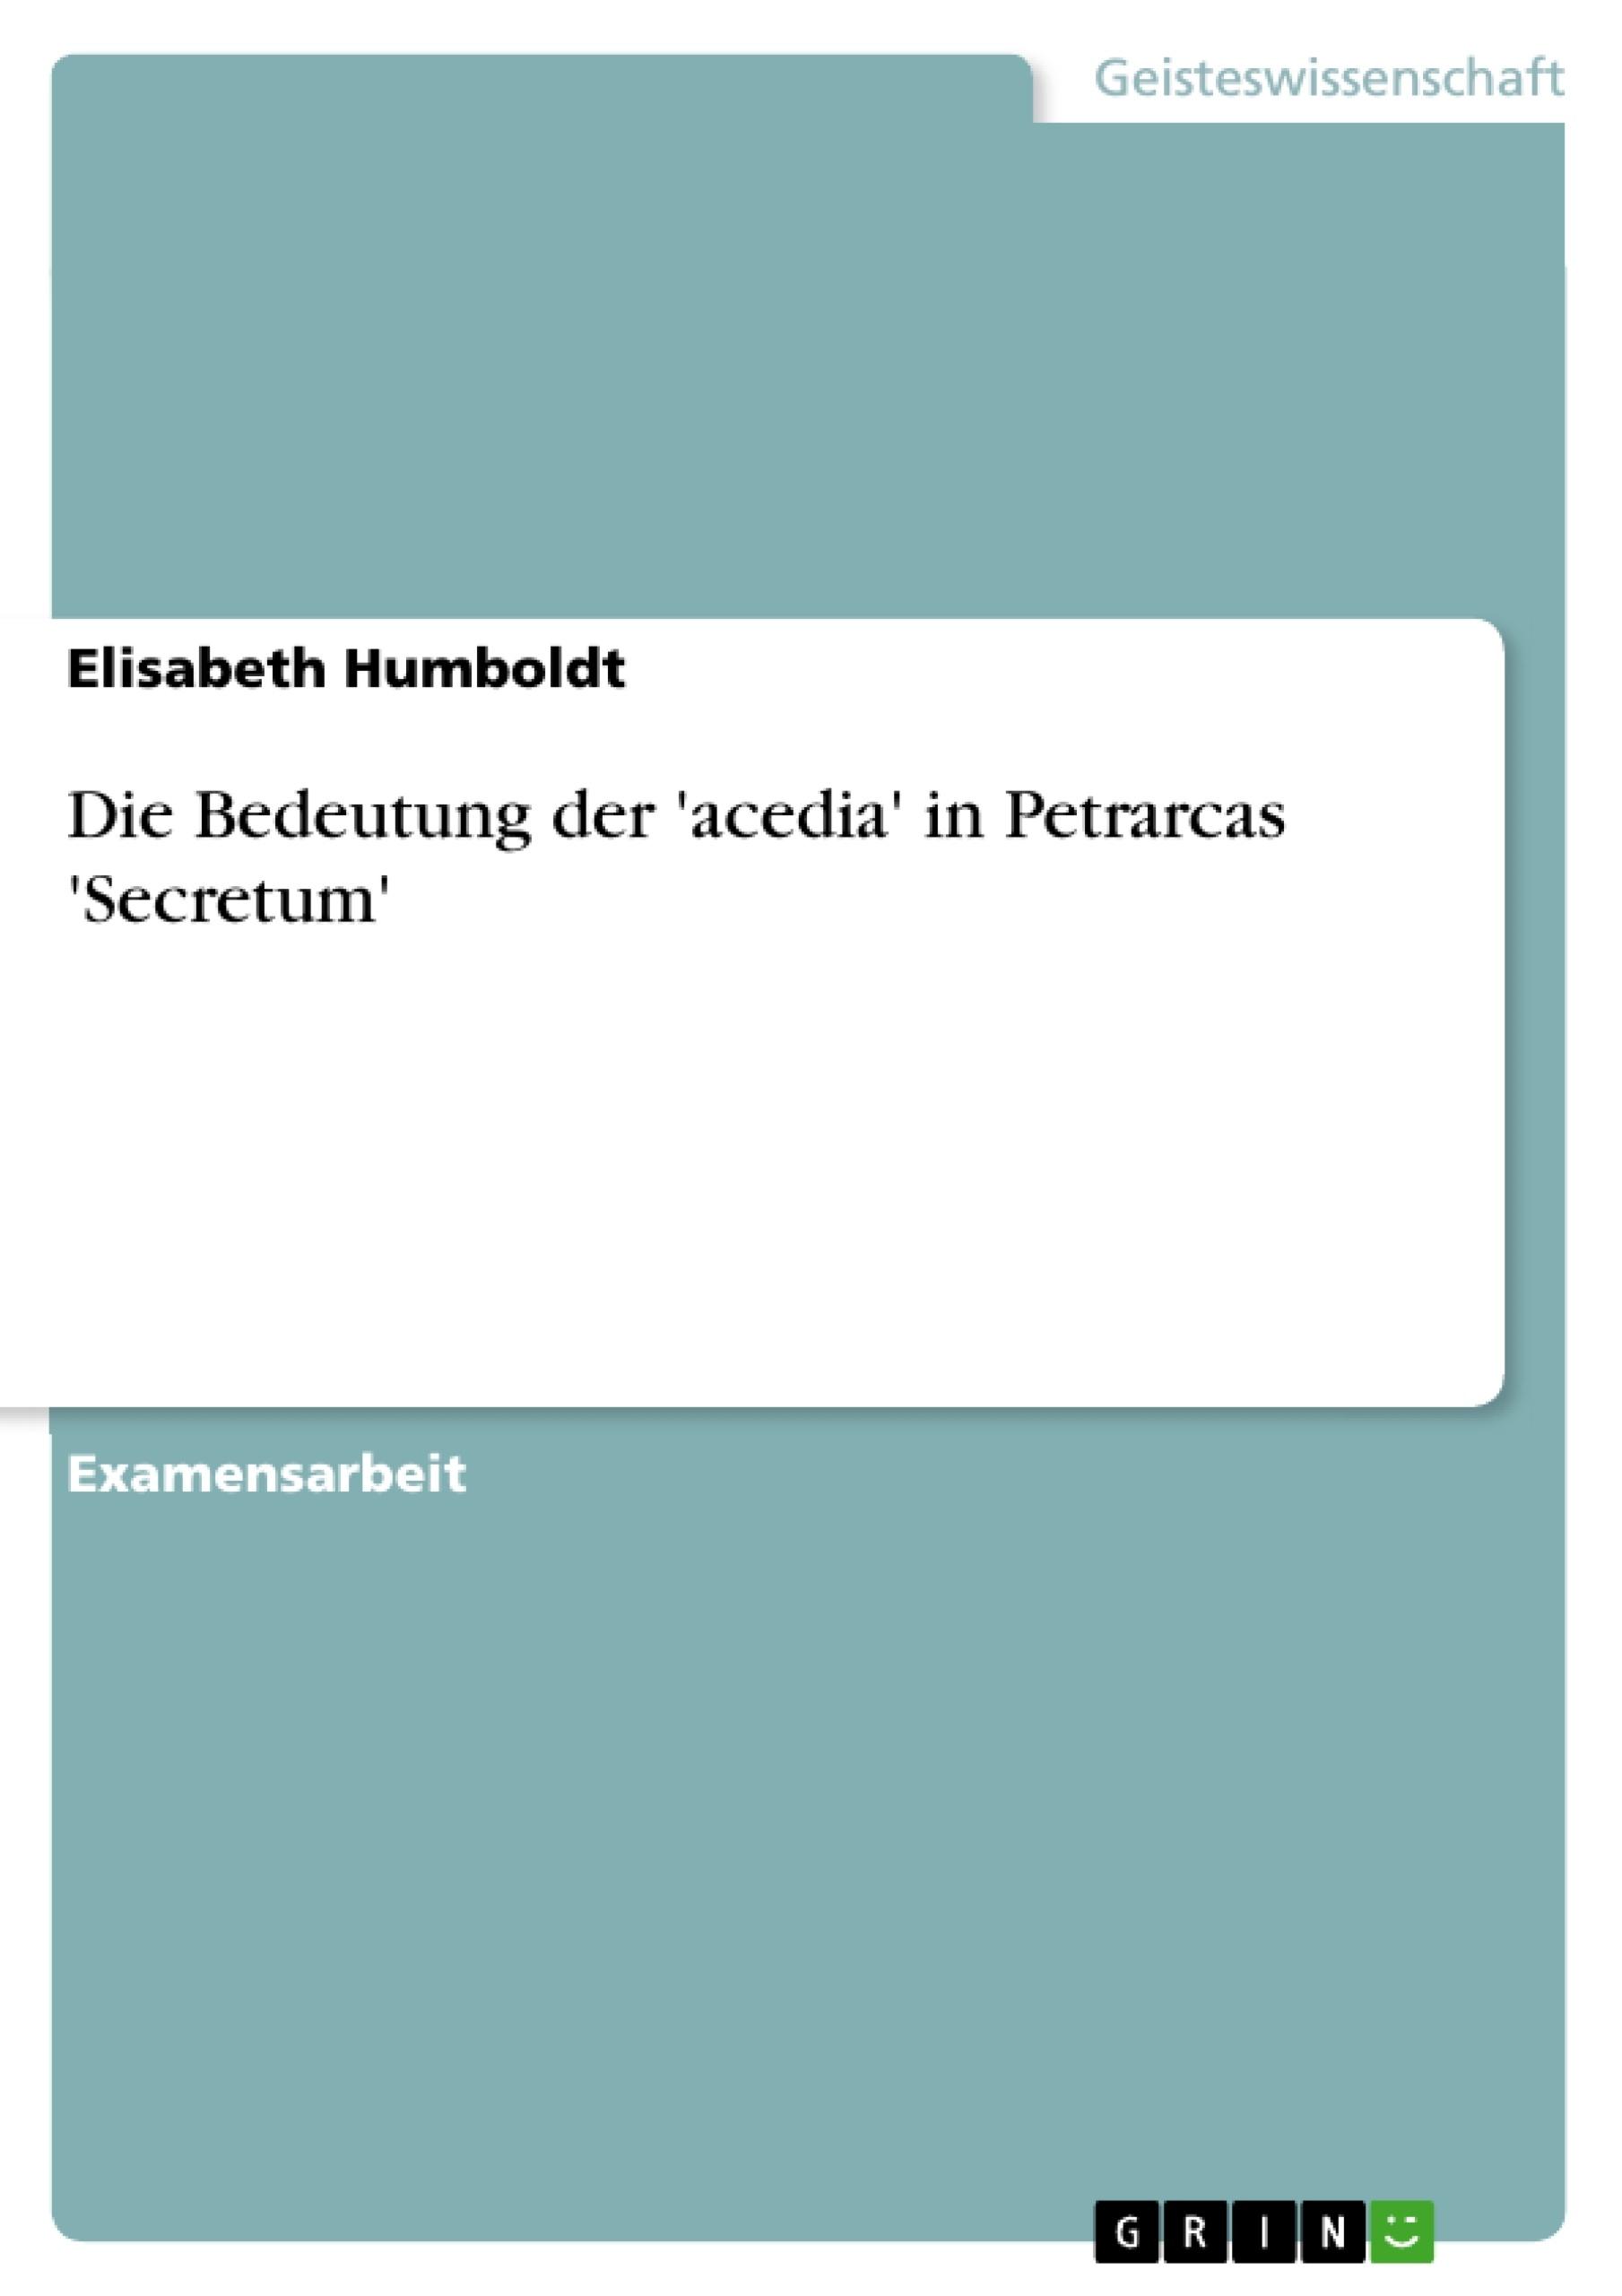 Titel: Die Bedeutung der 'acedia' in Petrarcas 'Secretum'